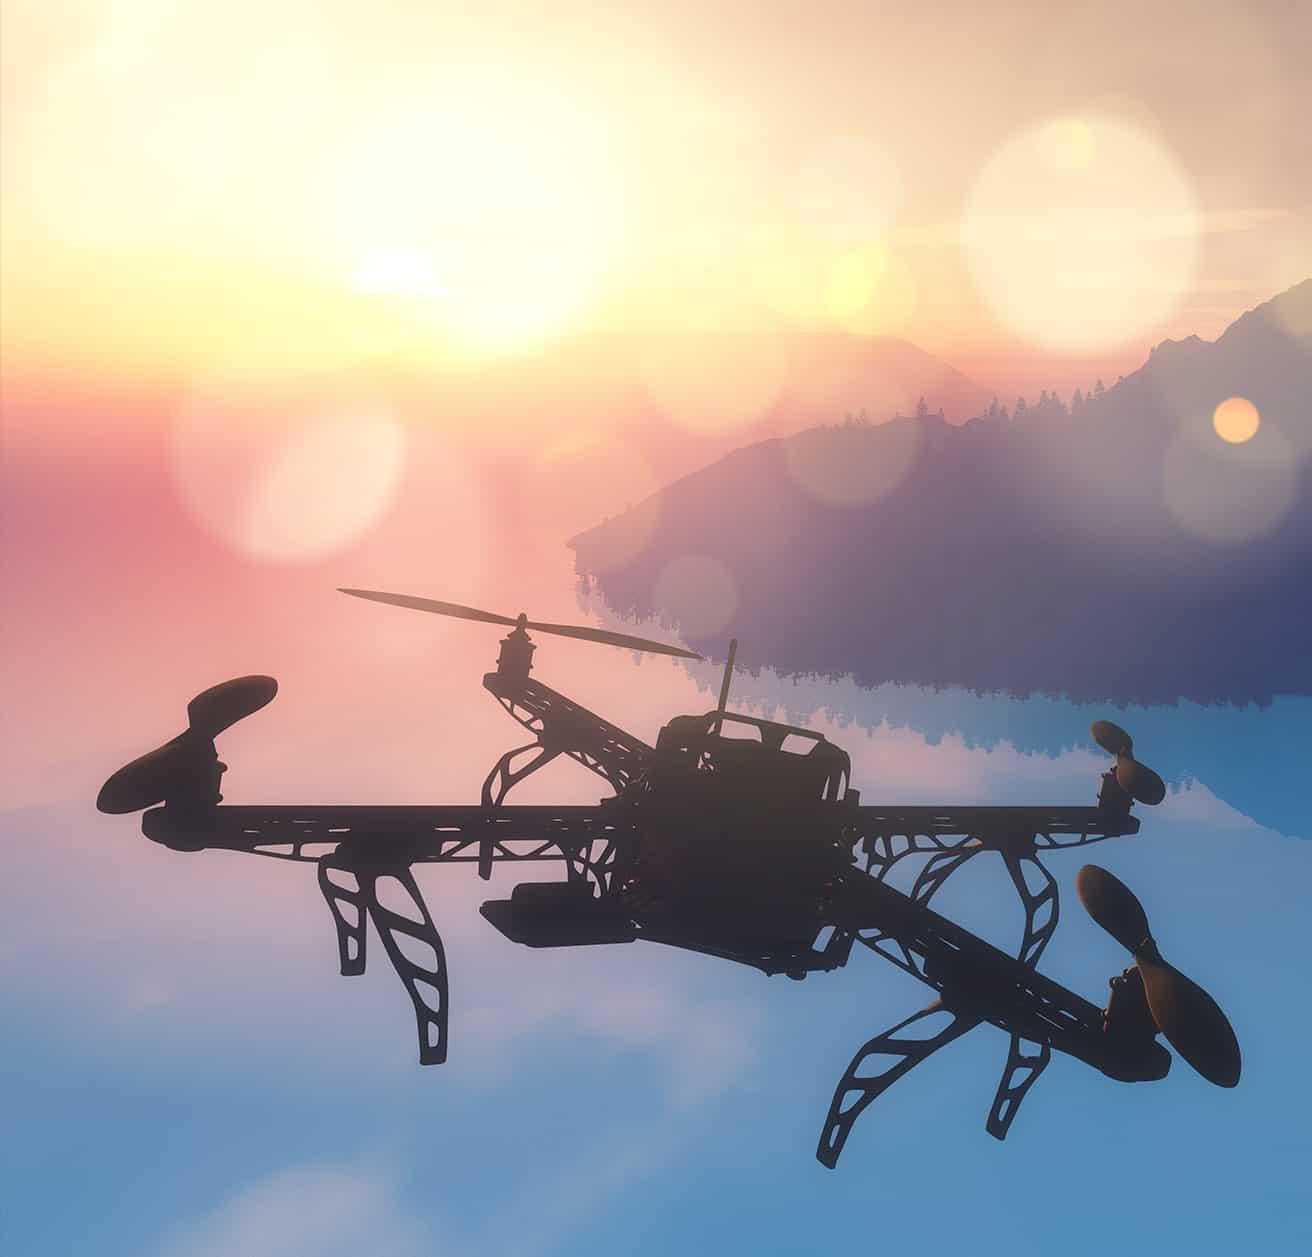 dron 6 Producción audiovisual para realizar vídeo promocional